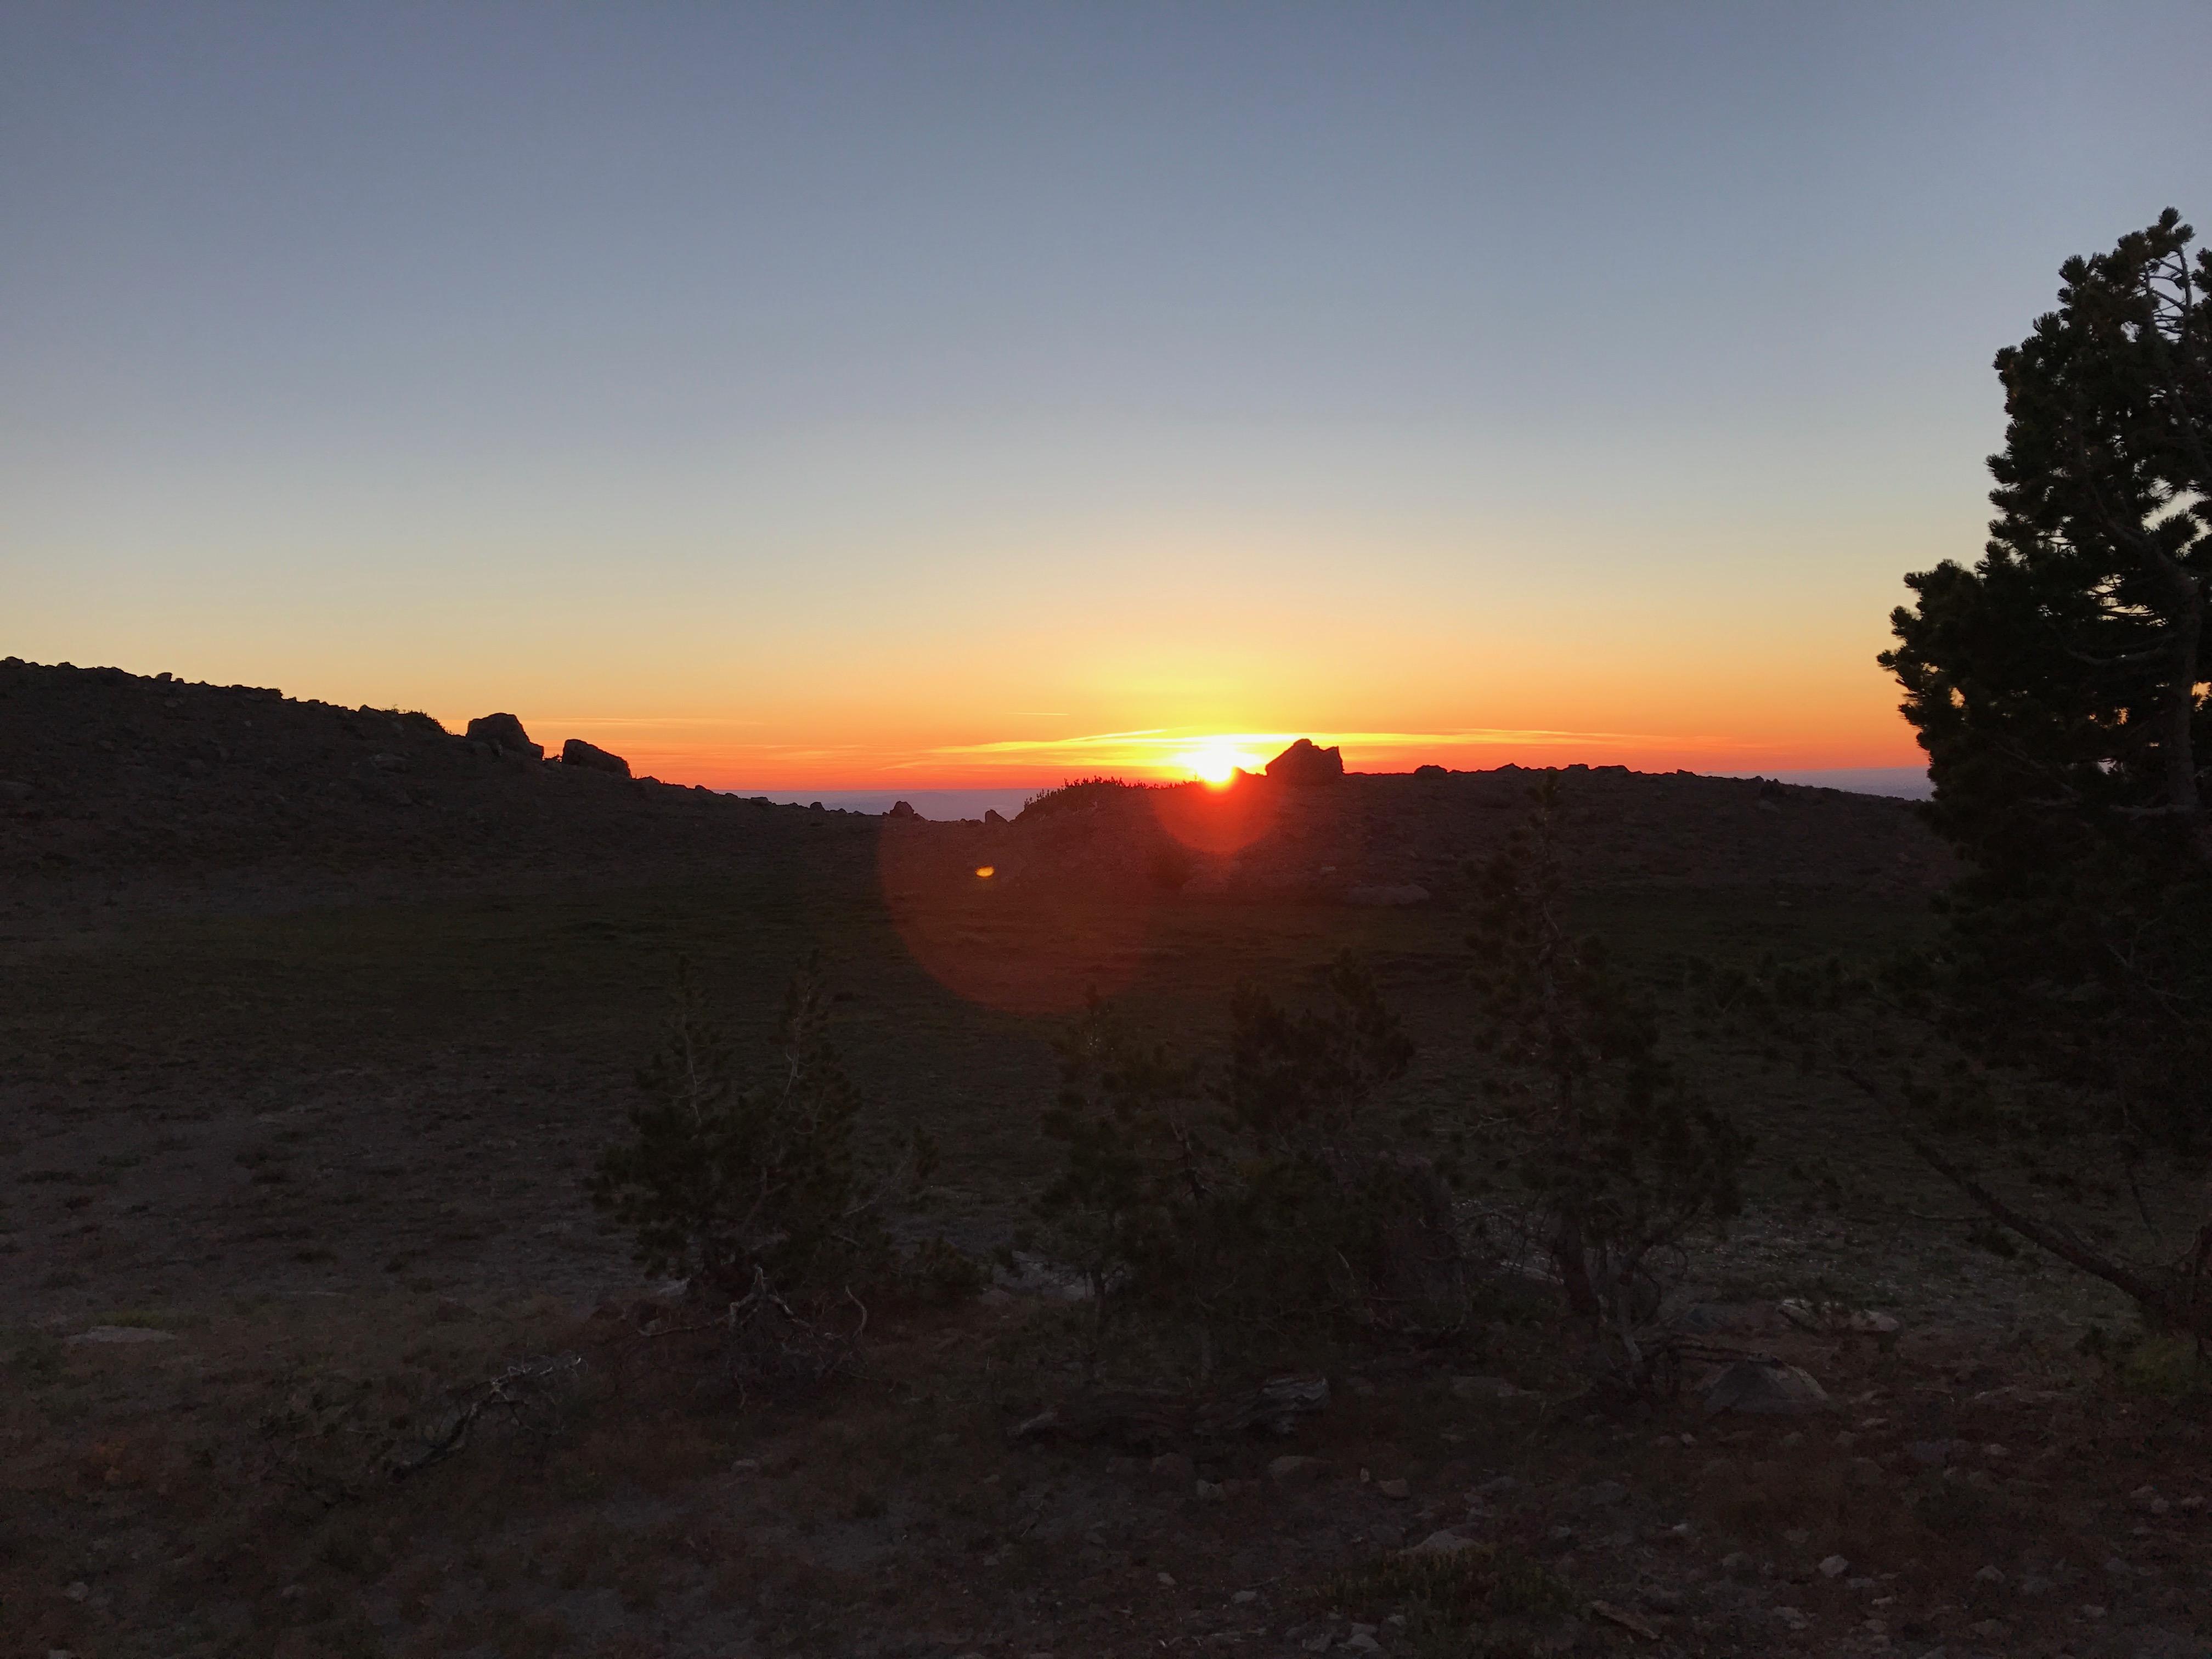 Sunrise on the east side of Mt. Hood